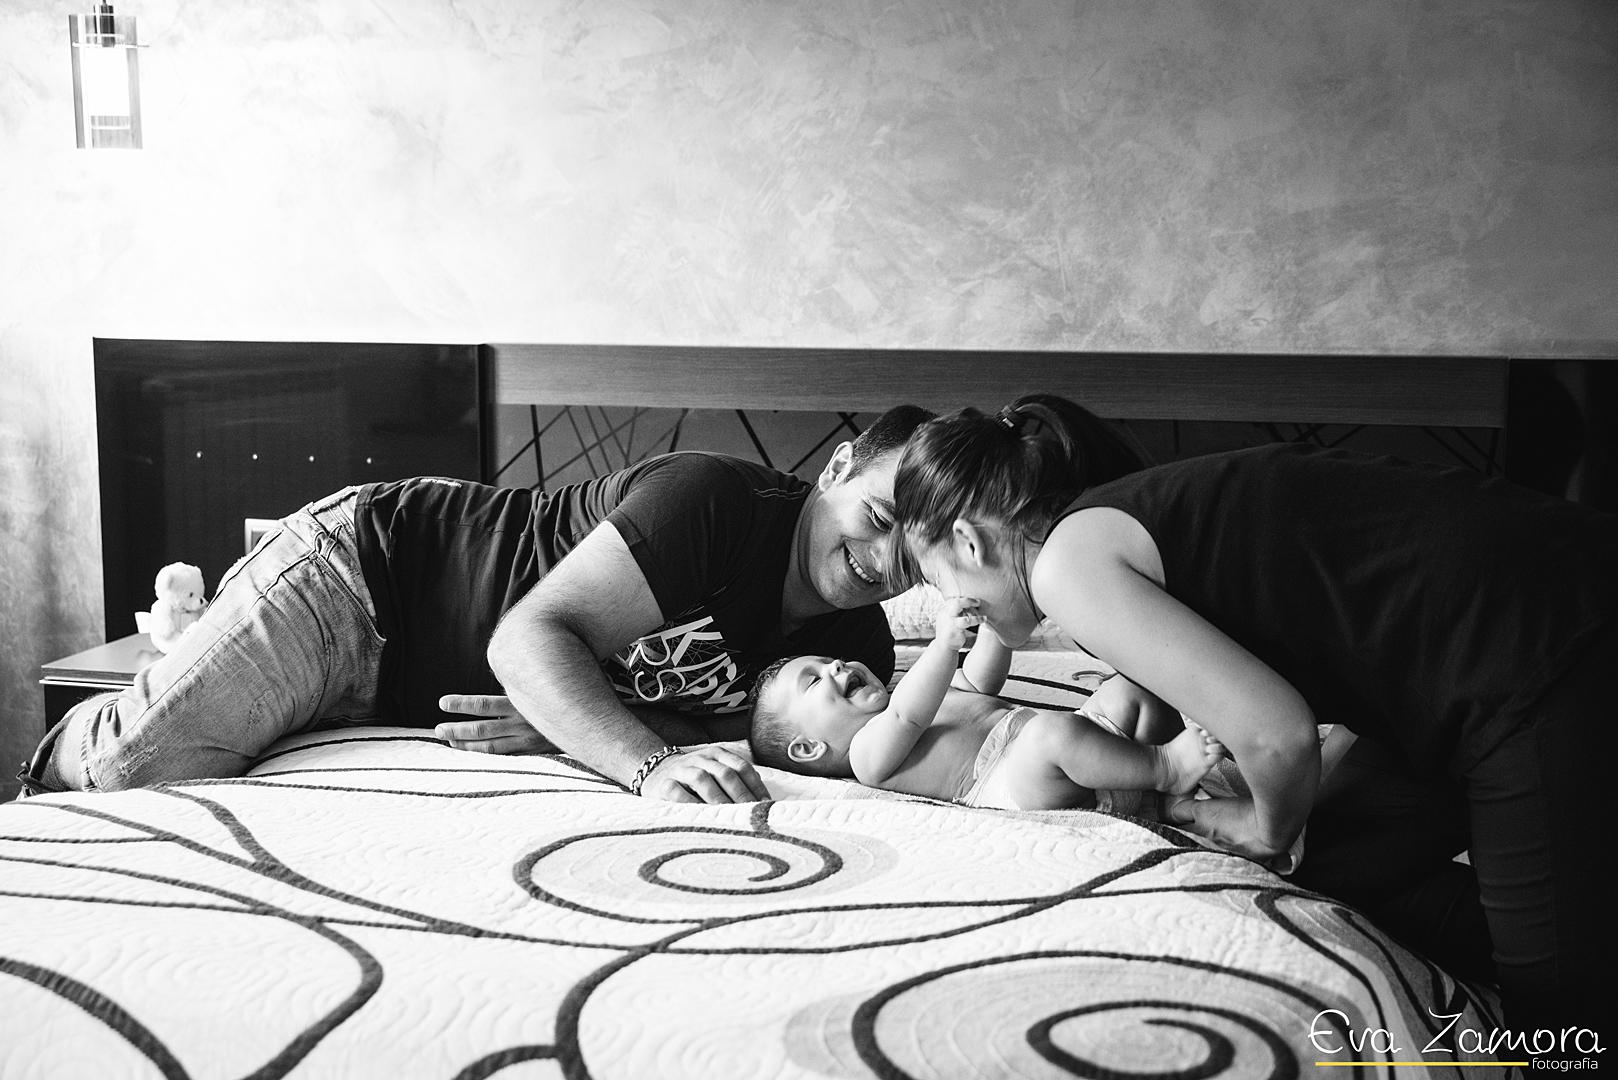 Reportaje de familia_EVA ZAMORA fotografía (20)